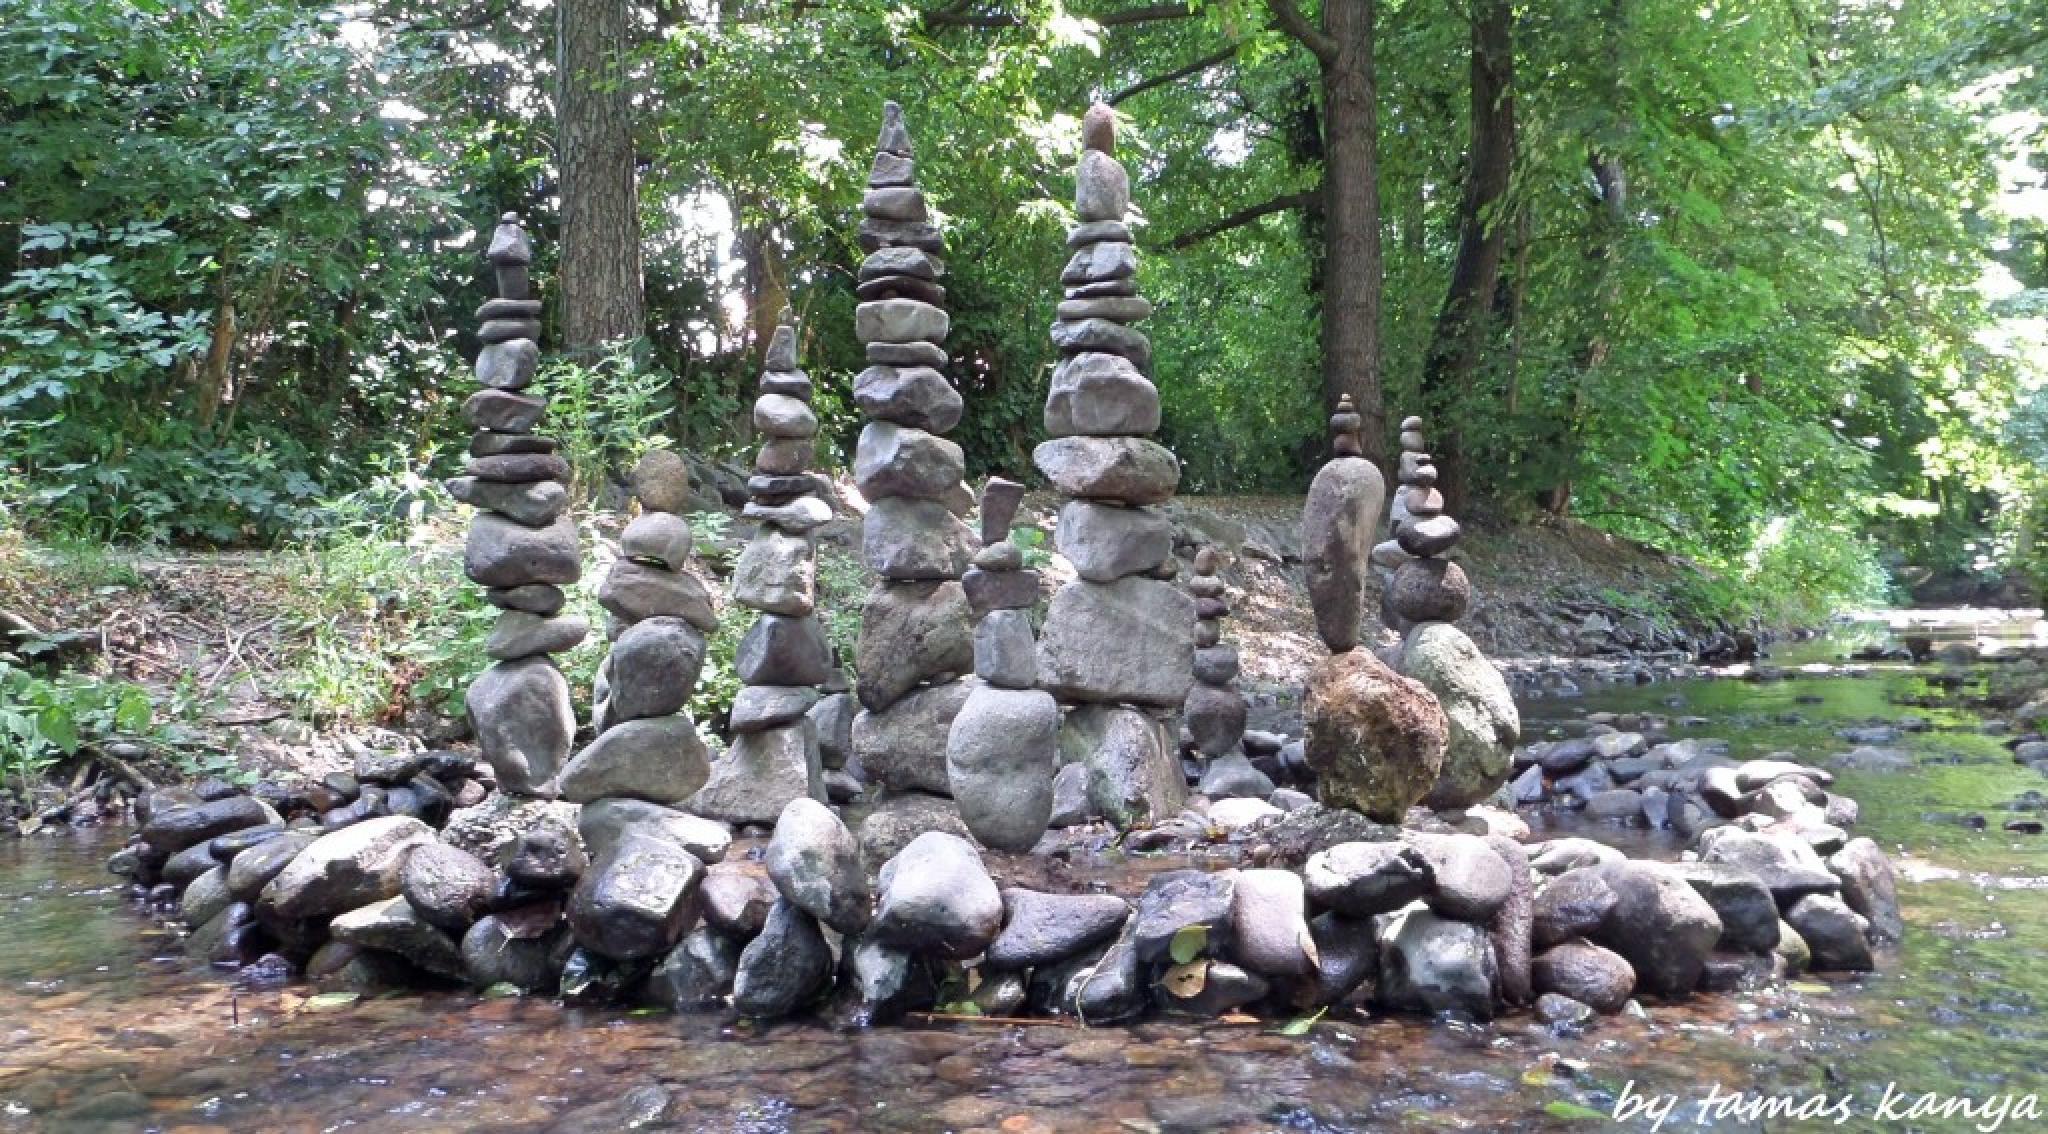 Stone balance art in Hungary by tamas kanya by Tamas Kanya